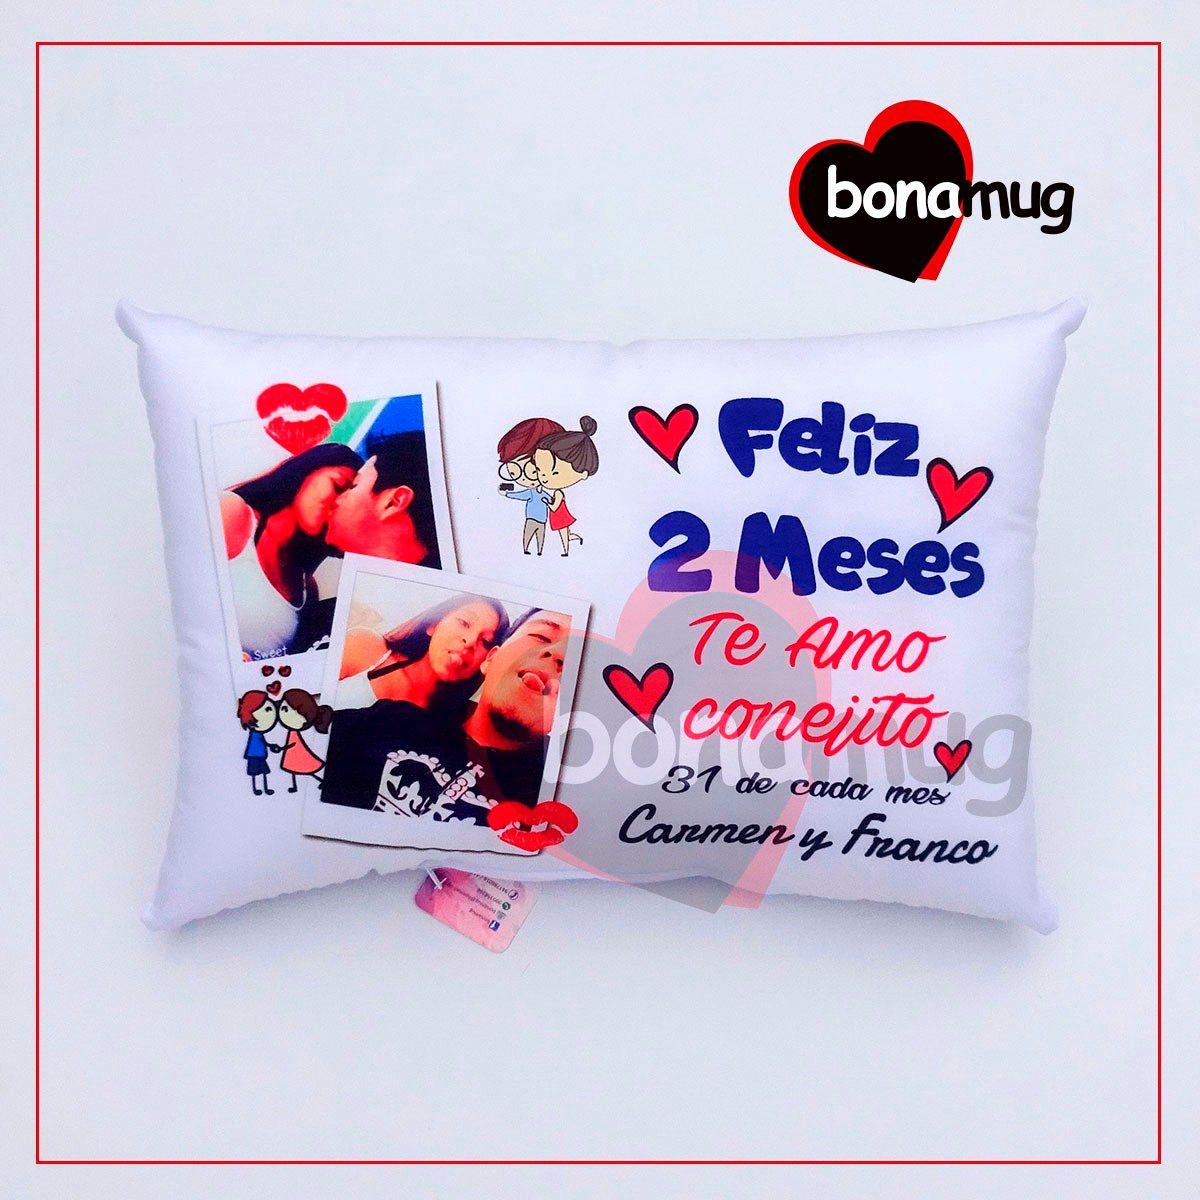 Almohadas cojines personalizadas regalo peluche amor s 36 00 en mercado libre - Cojines con tu foto ...